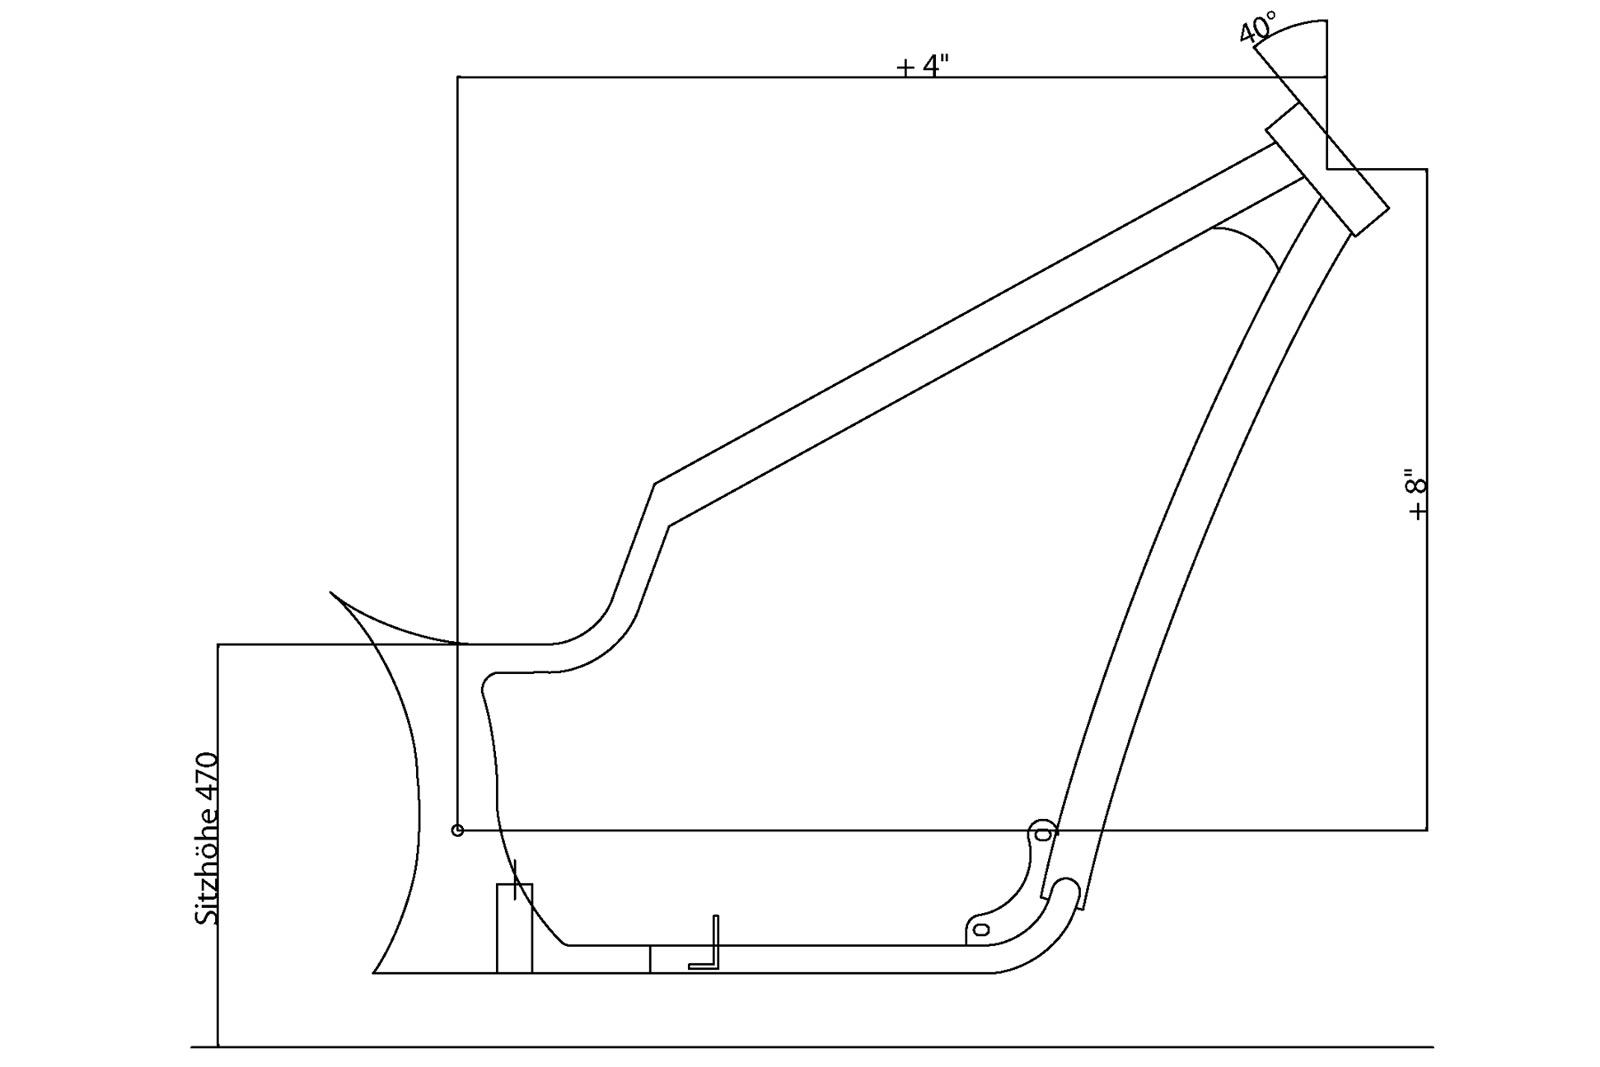 Revtech 110 Images Of Home Design Engine Diagram Dixon Speedztr Wiring